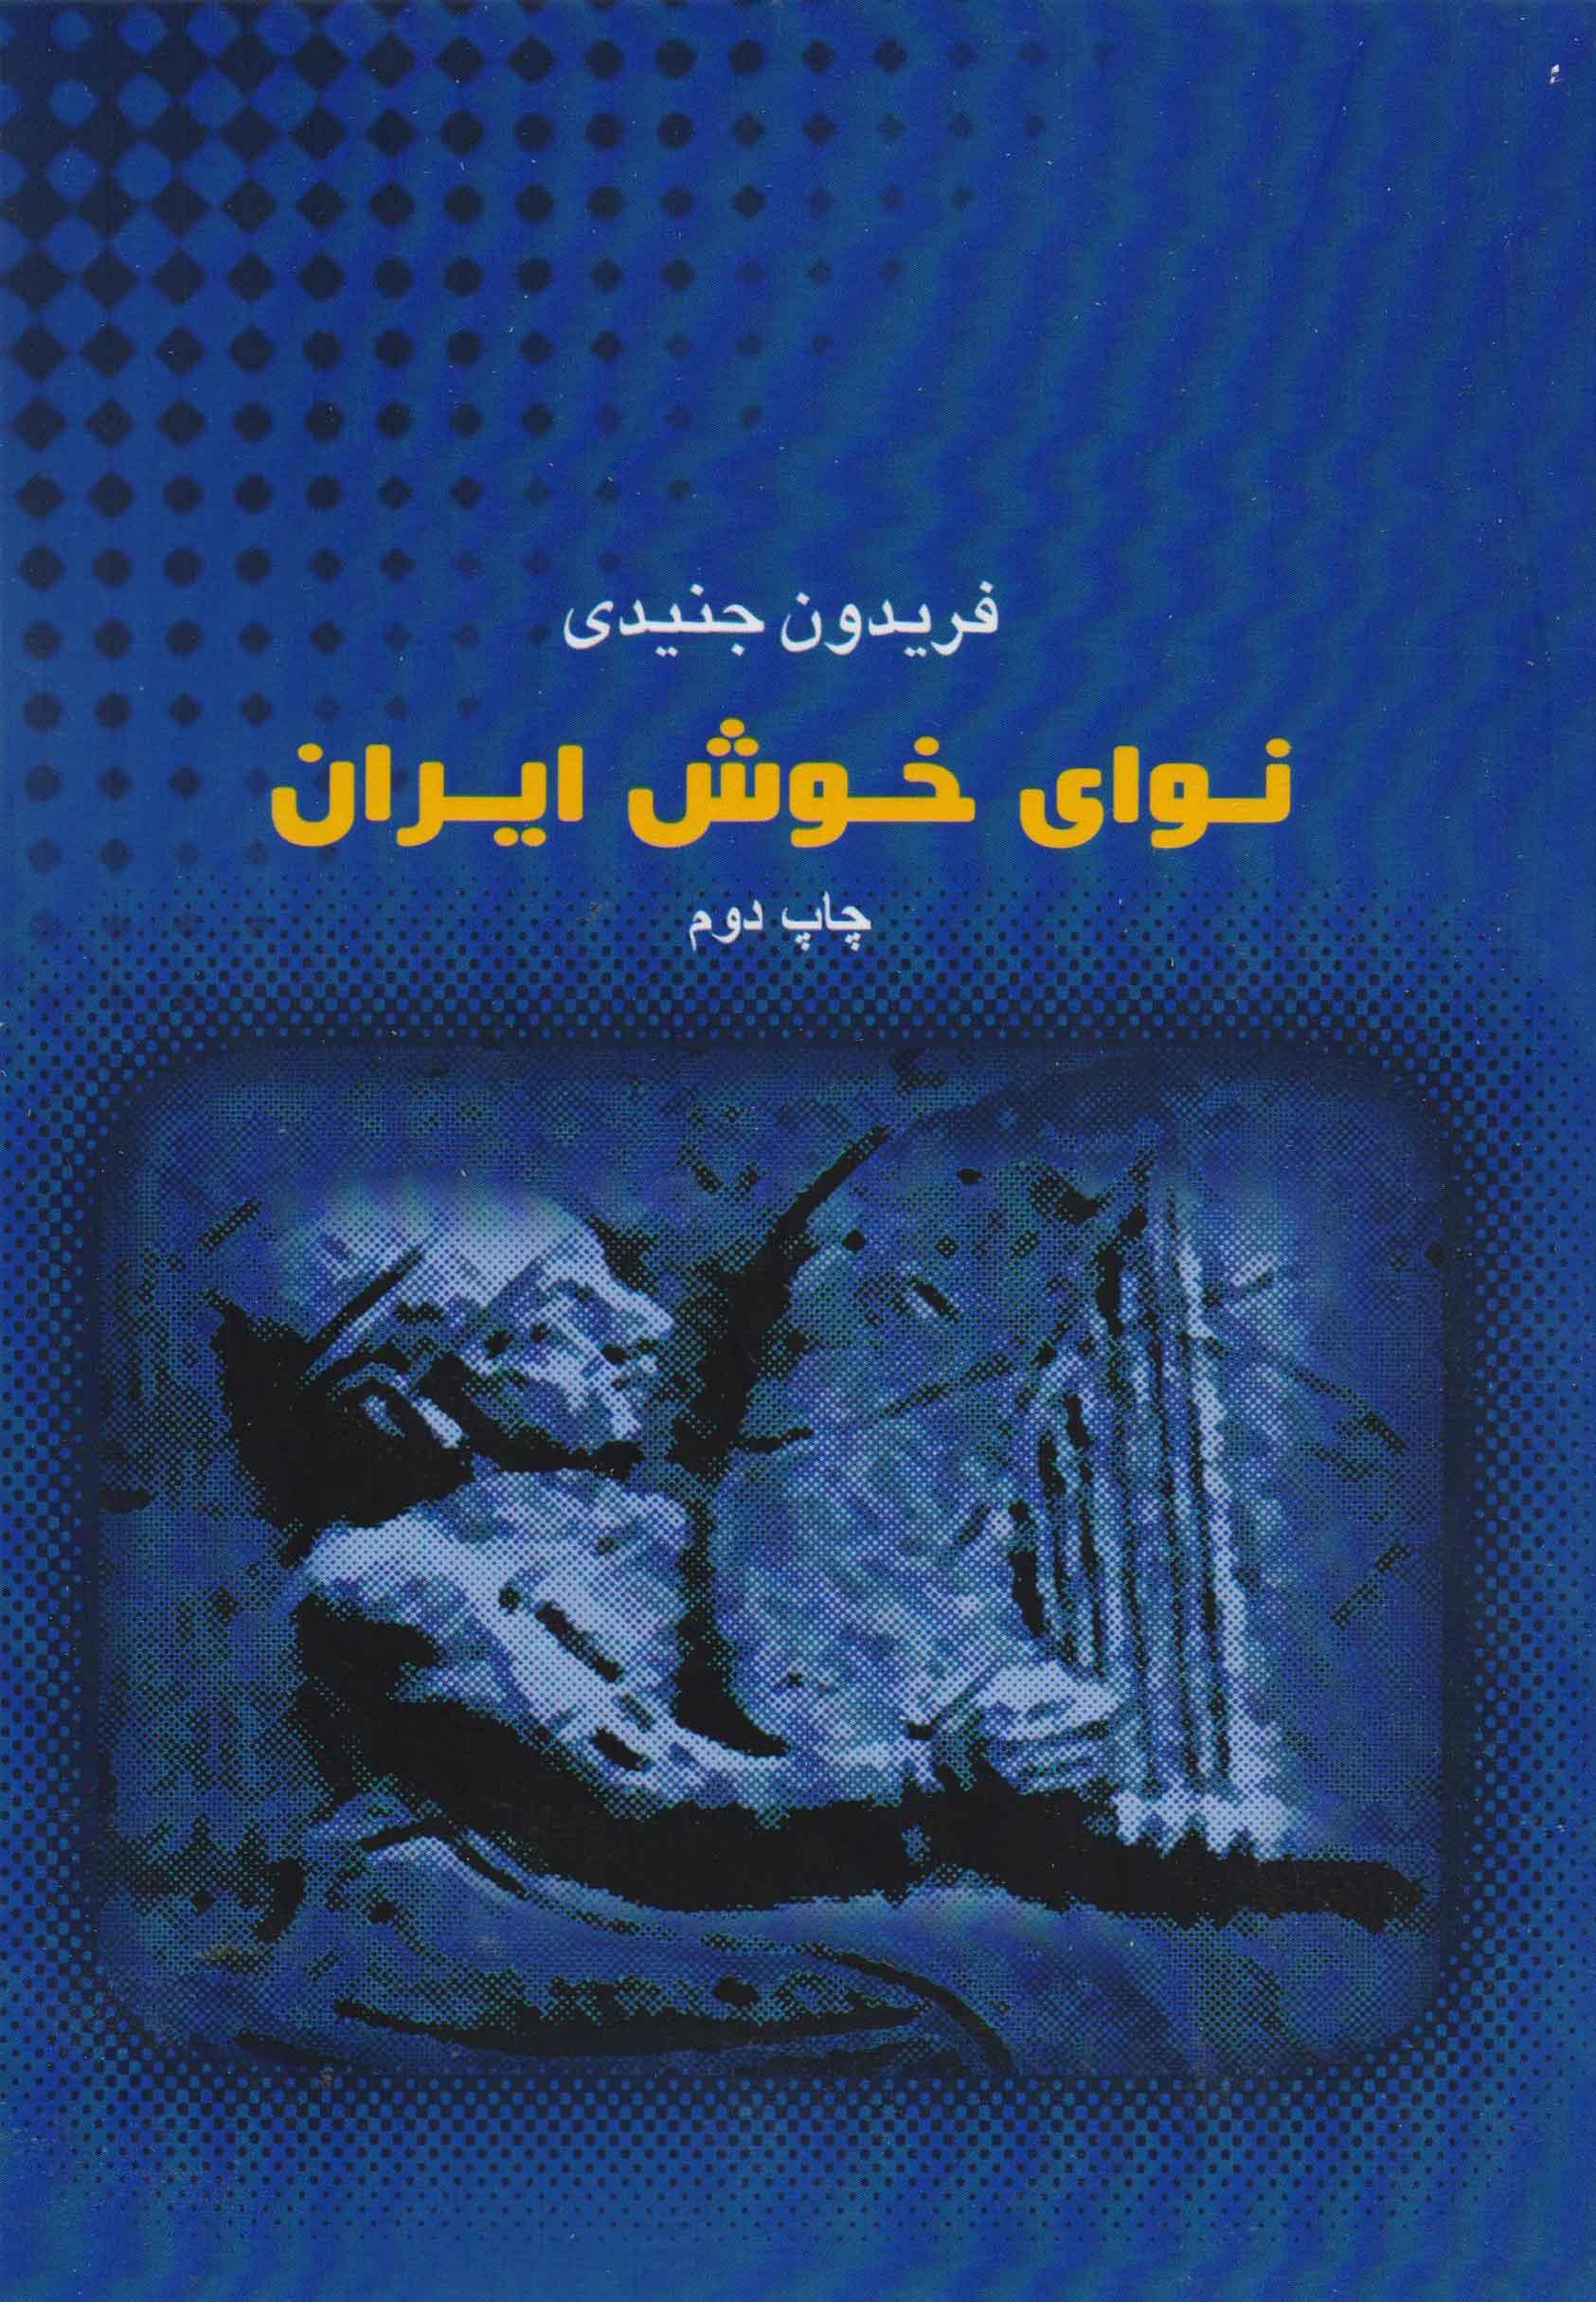 کتاب نوای خوش ایران